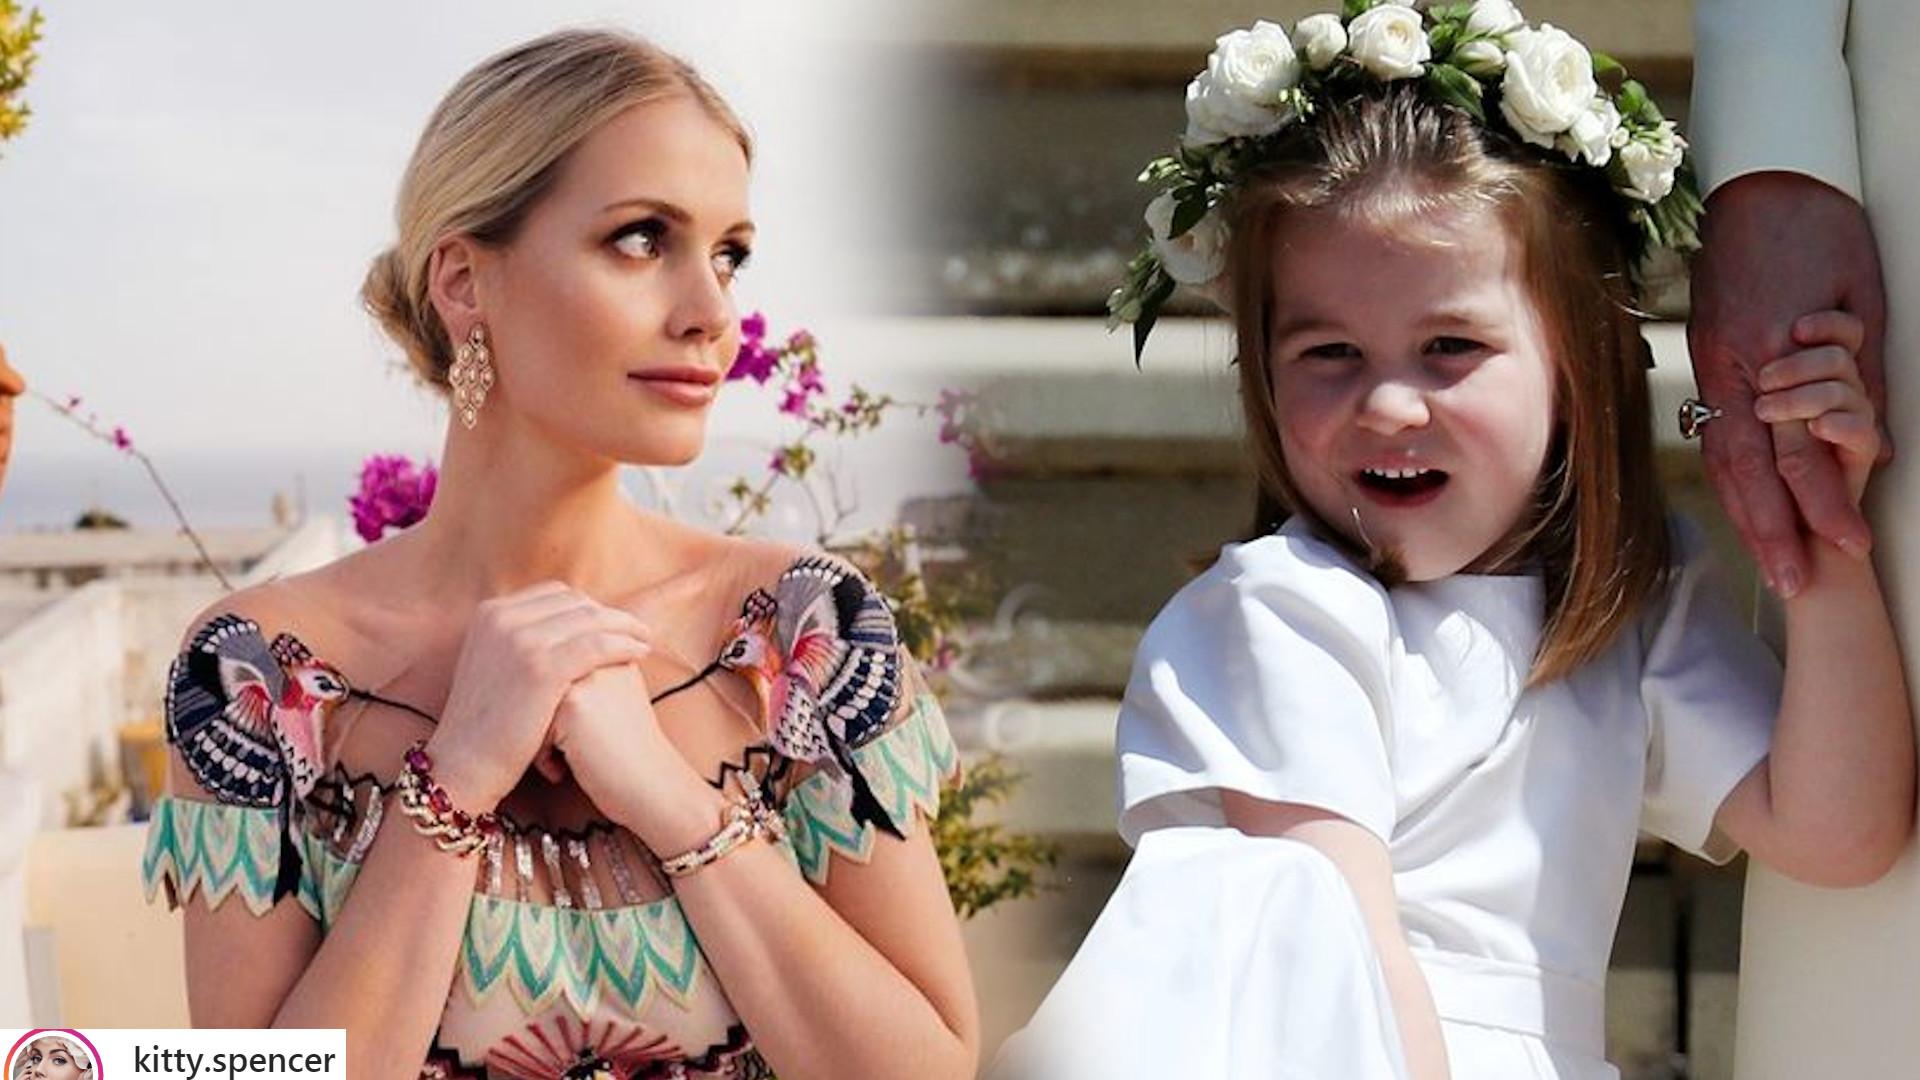 Co za podobieństwo! Księżniczka Charlotte wygląda, jak bratanica księżnej Diany w dzieciństwie